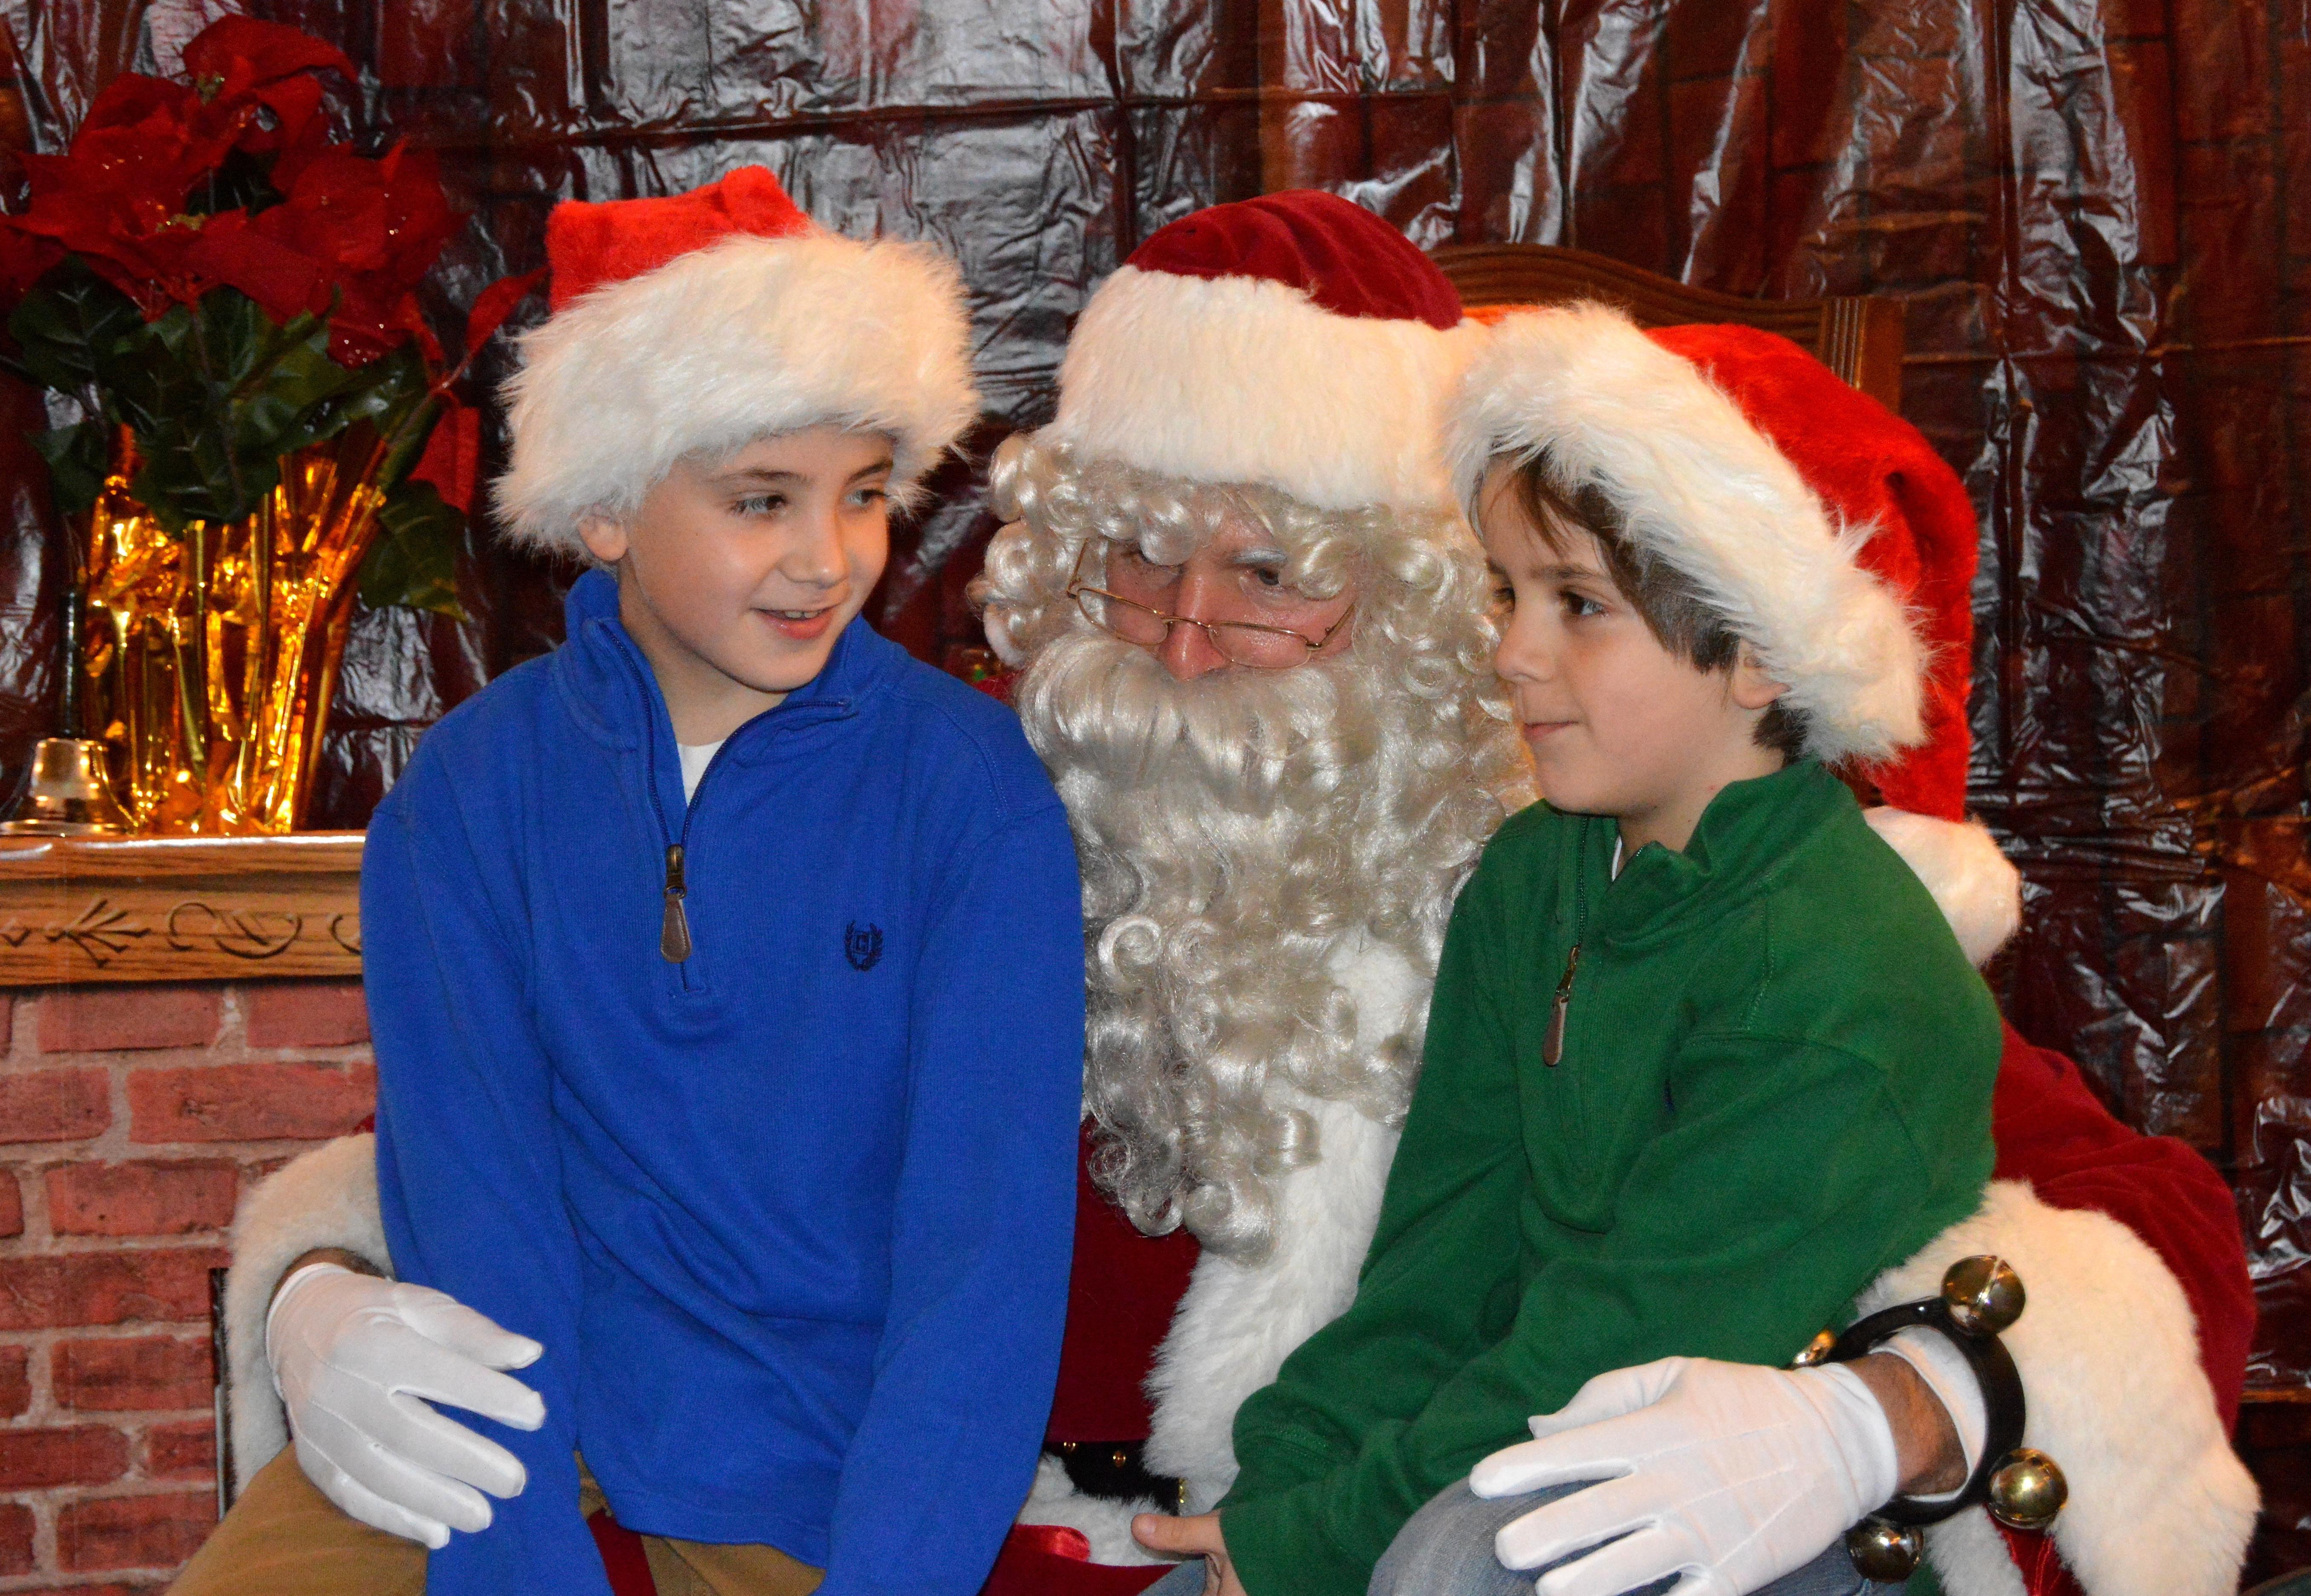 8b9e3b13ca4c45fe8025_Noah_and_Jonah_Tamayo_visit_Santa.JPG